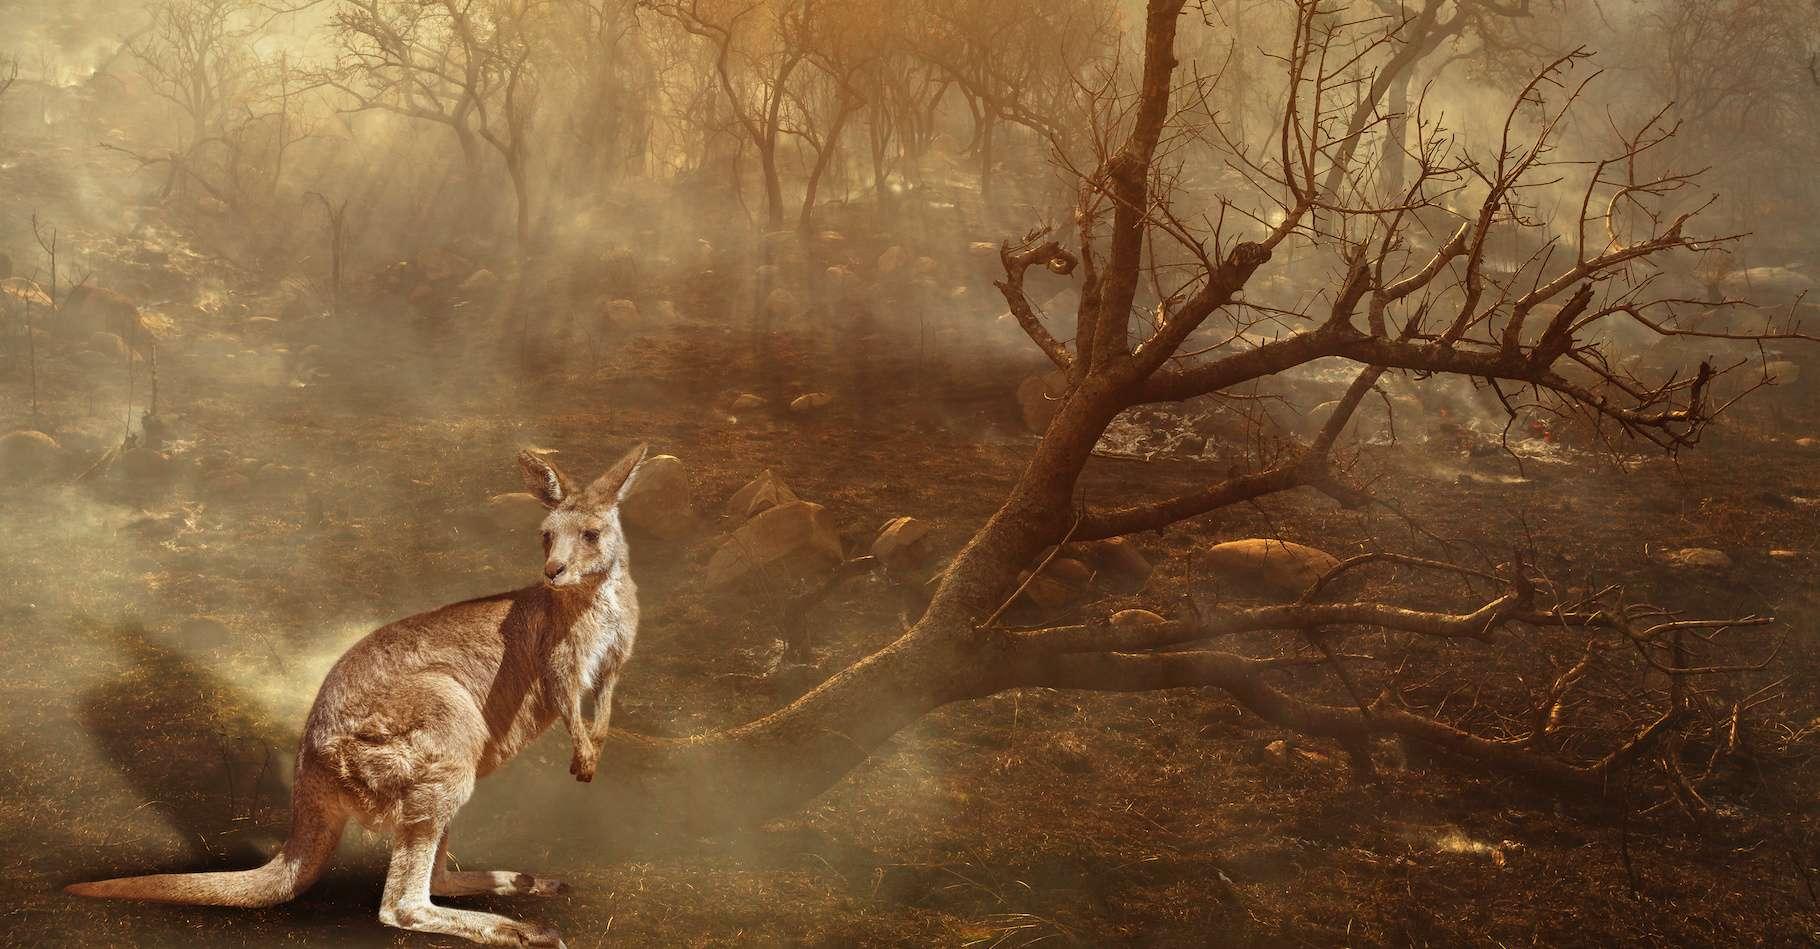 66a51b7451_50159041_animaux-feux-australie.jpg